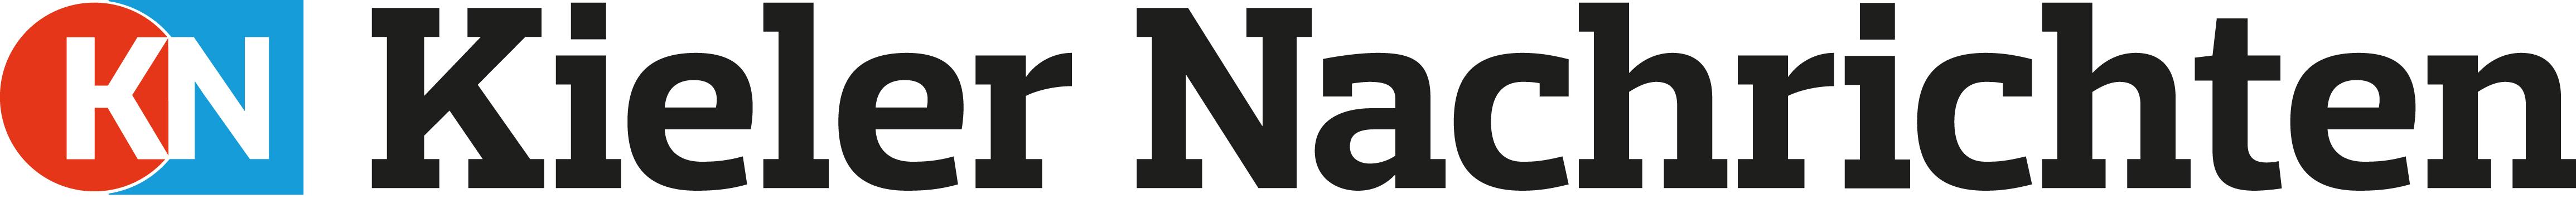 Kreuzworträtsel Kieler Nachrichten